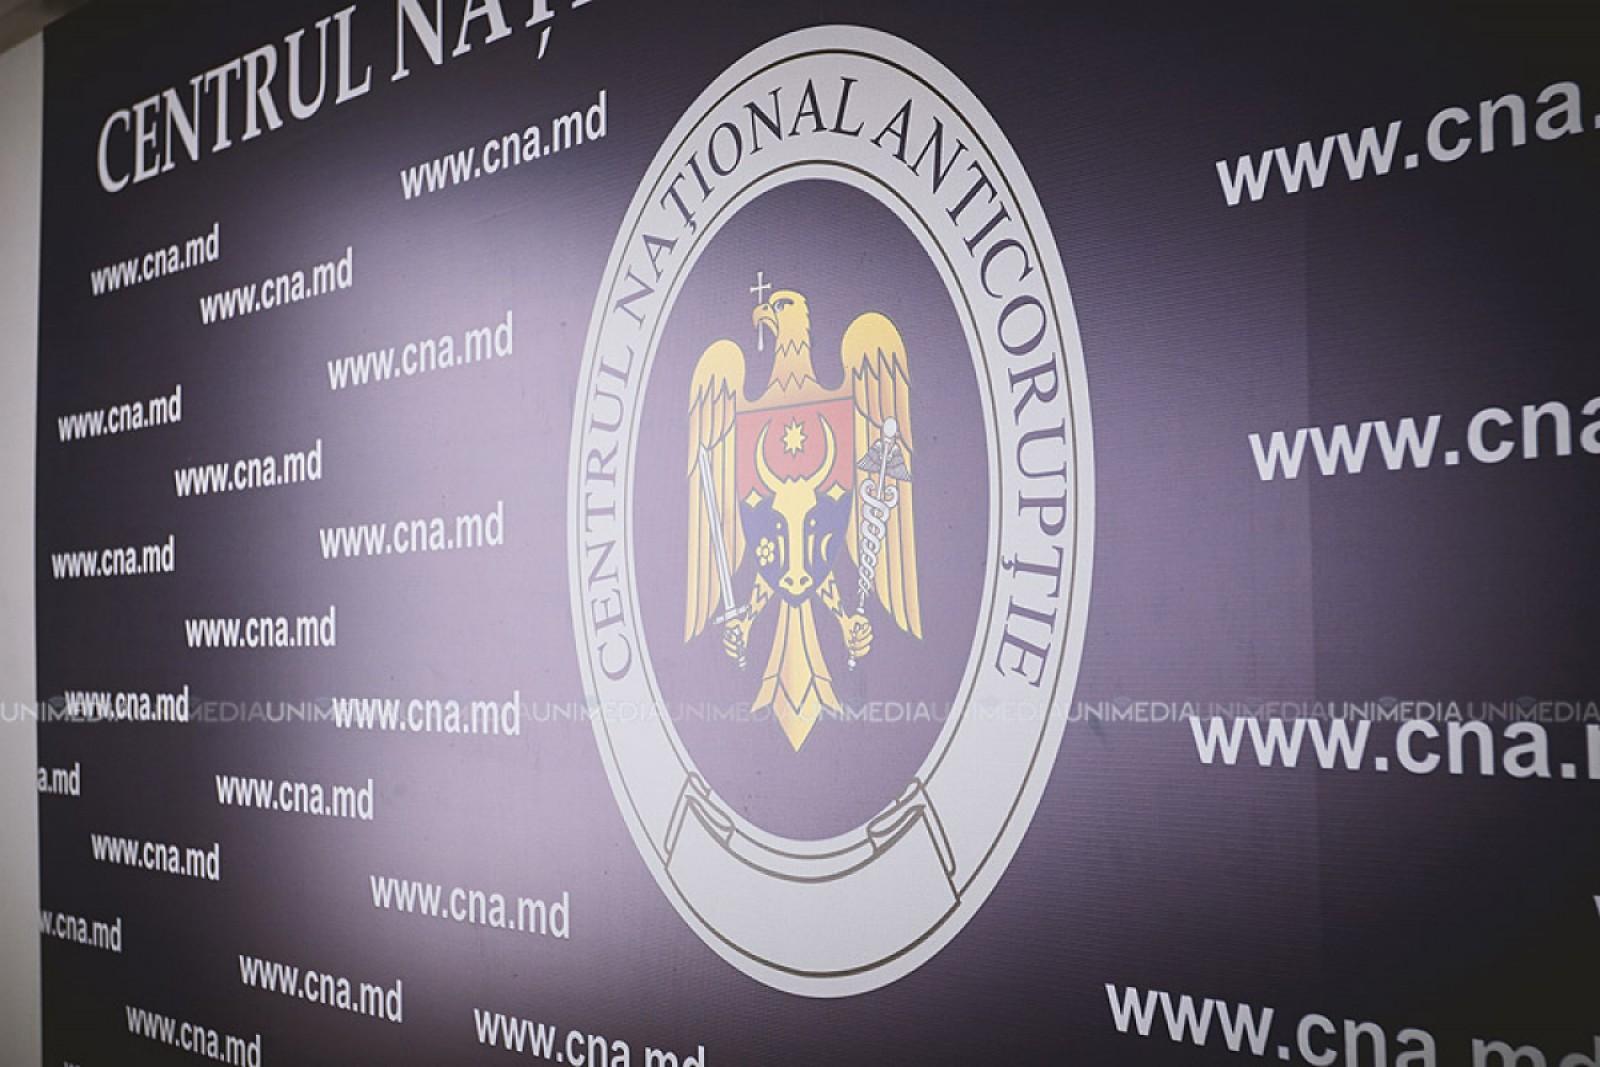 CNA s-a autosesizat pe cazurile semnalate de doctorul pediatru Mihai Stratulat